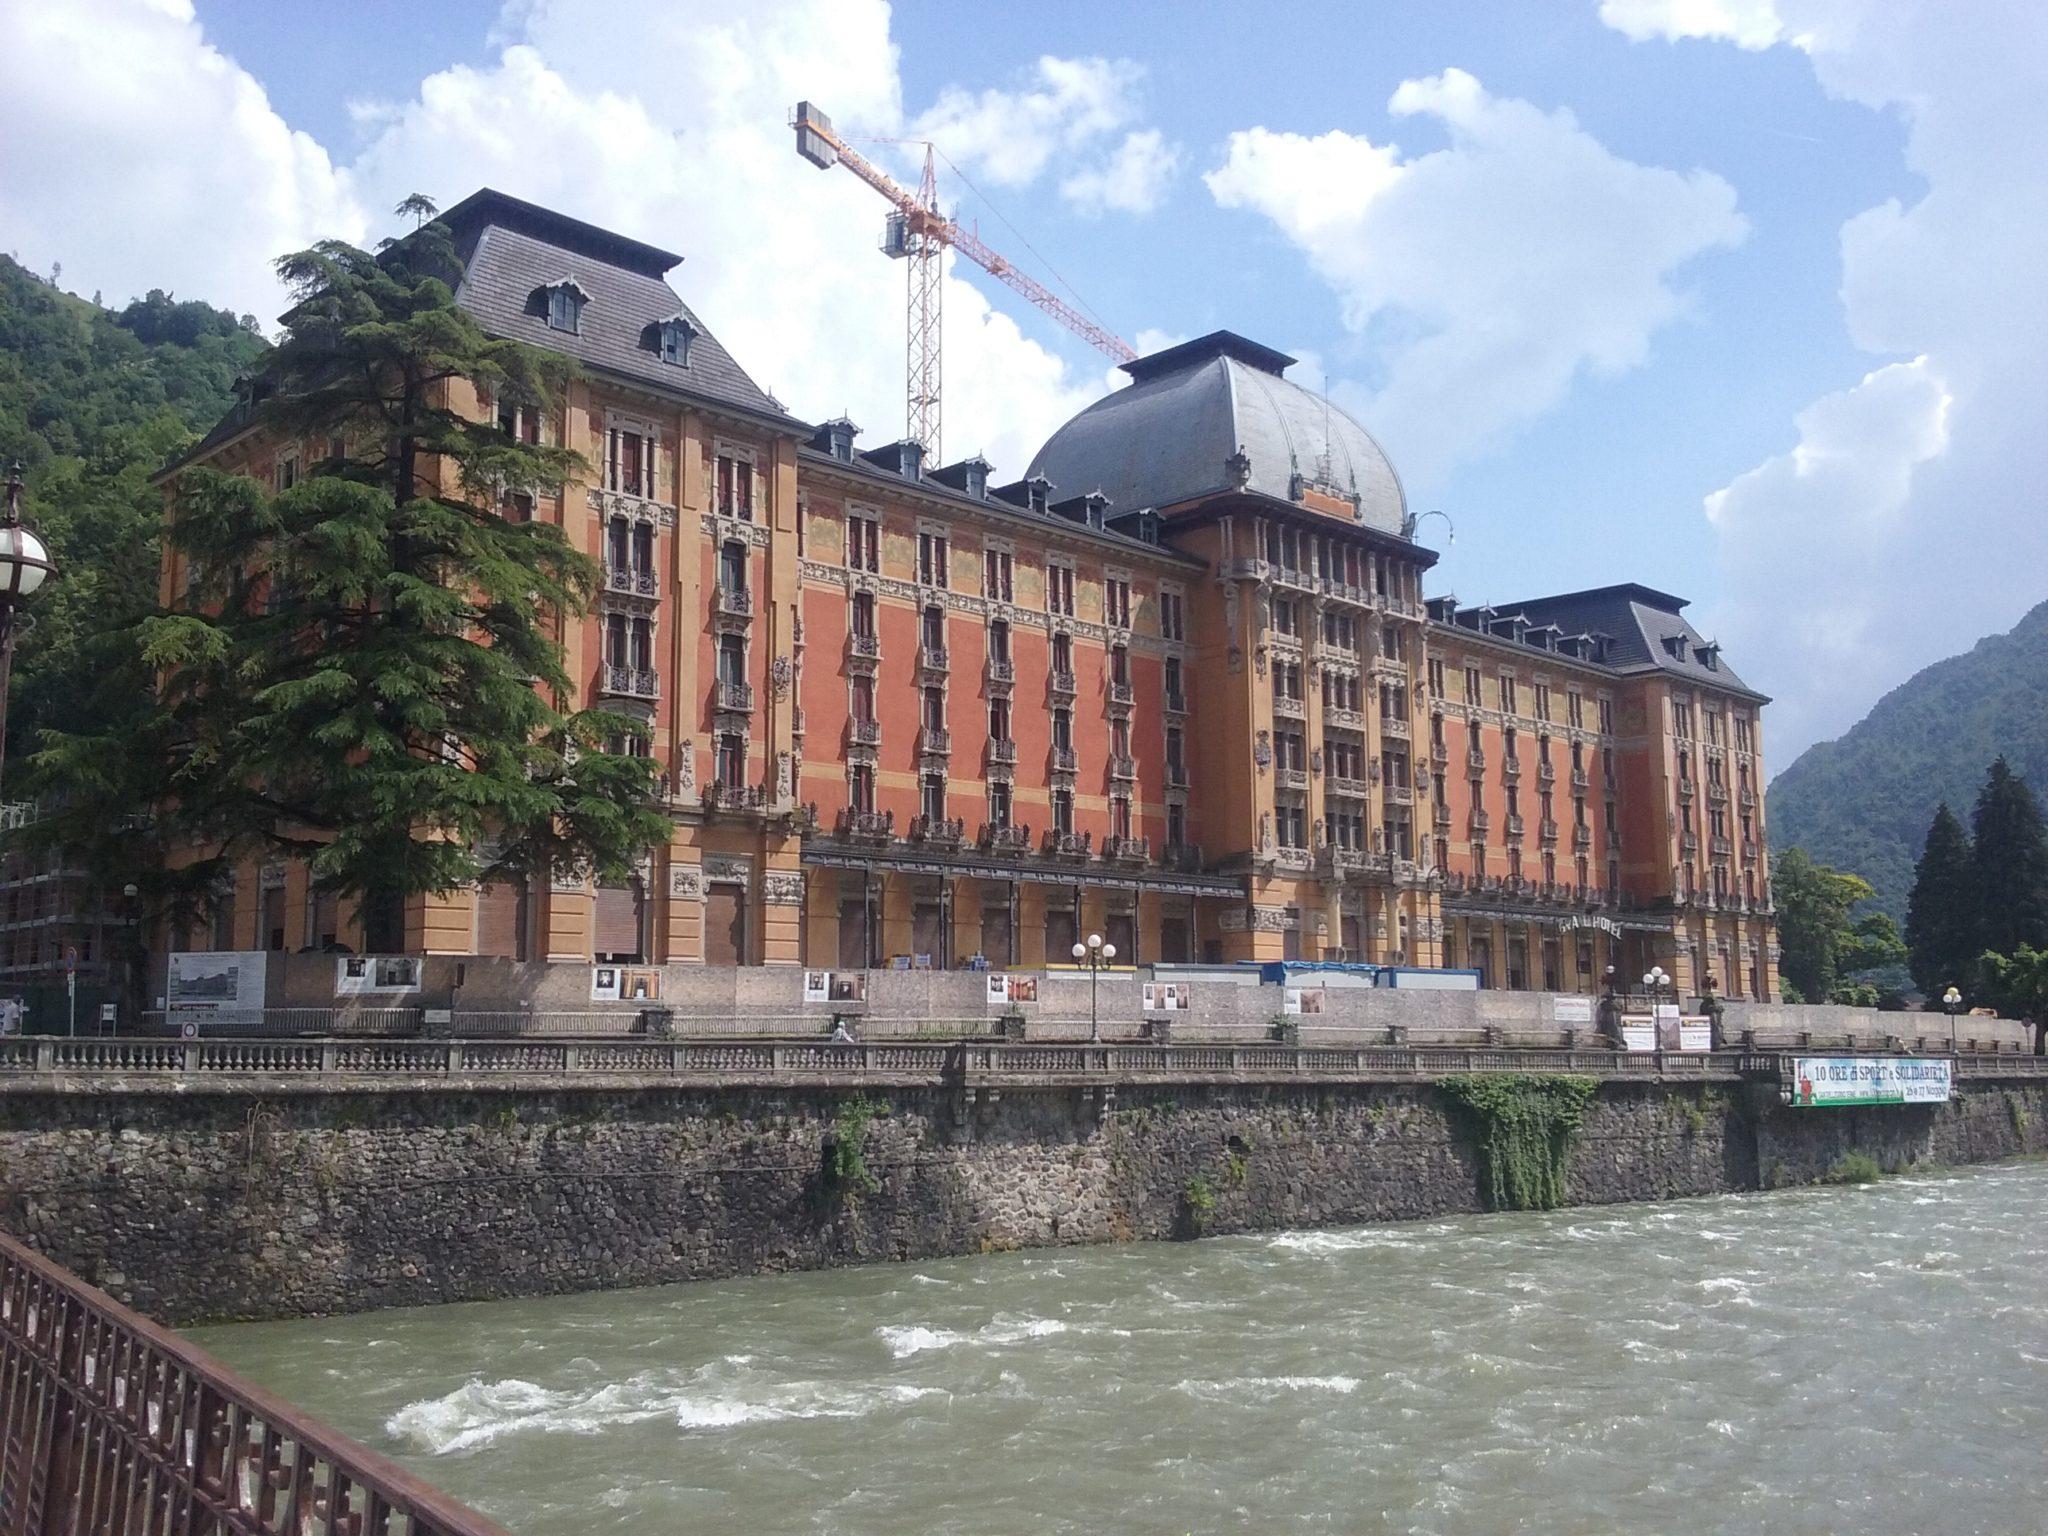 Un Grand Hotel dei primi del '900 domina il panorama da Belle Époque, le terme rallentano il tempo, i dj set d'estate lo velocizzano: gita a San Pellegrino